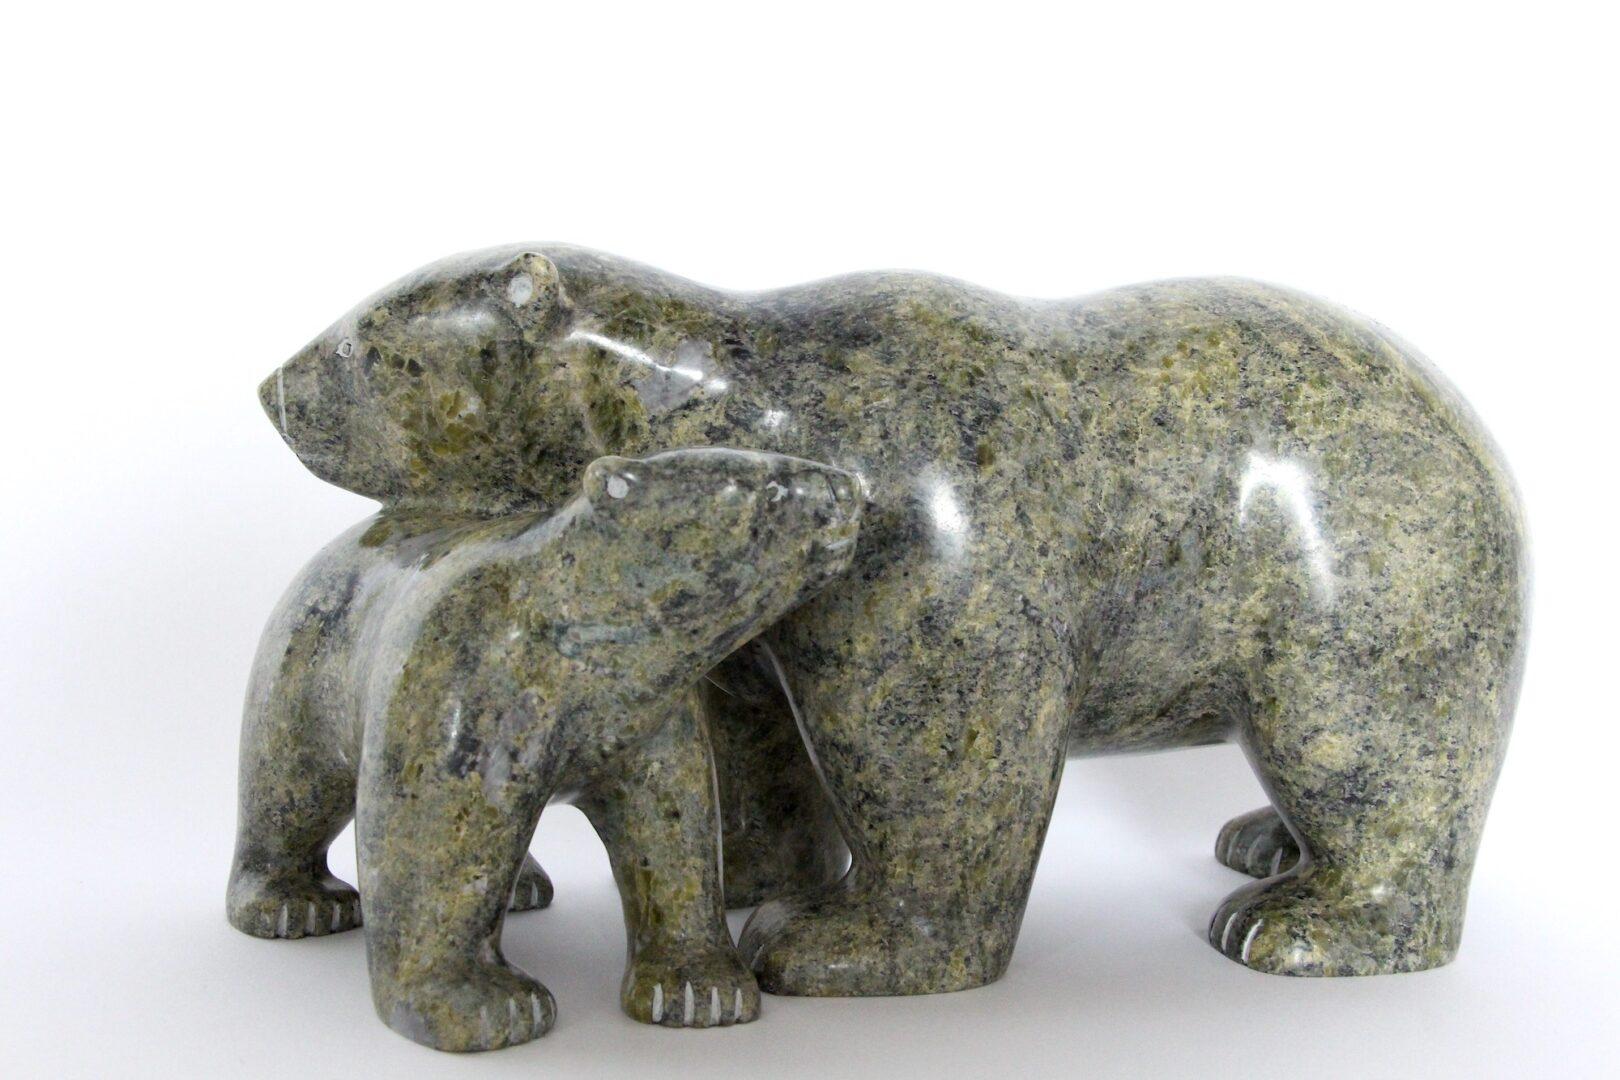 bear and cub Inuit Art Sculpture in Serpentine